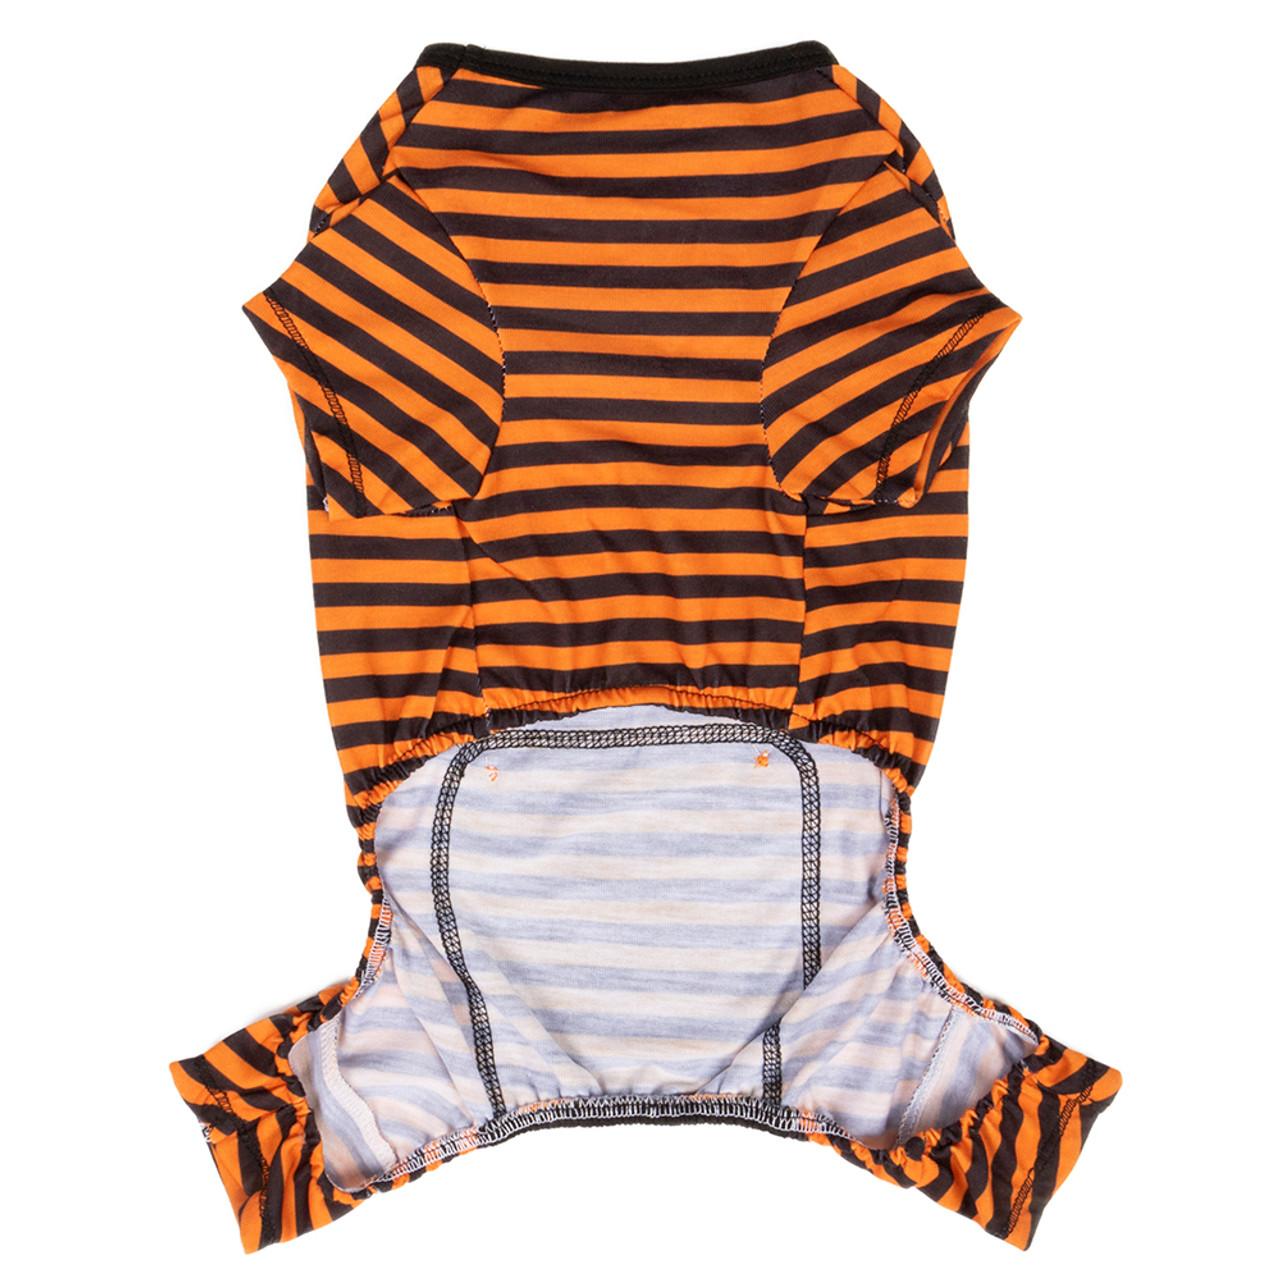 SimplyDog Halloween Pumpkin Dog Pajamas - Back